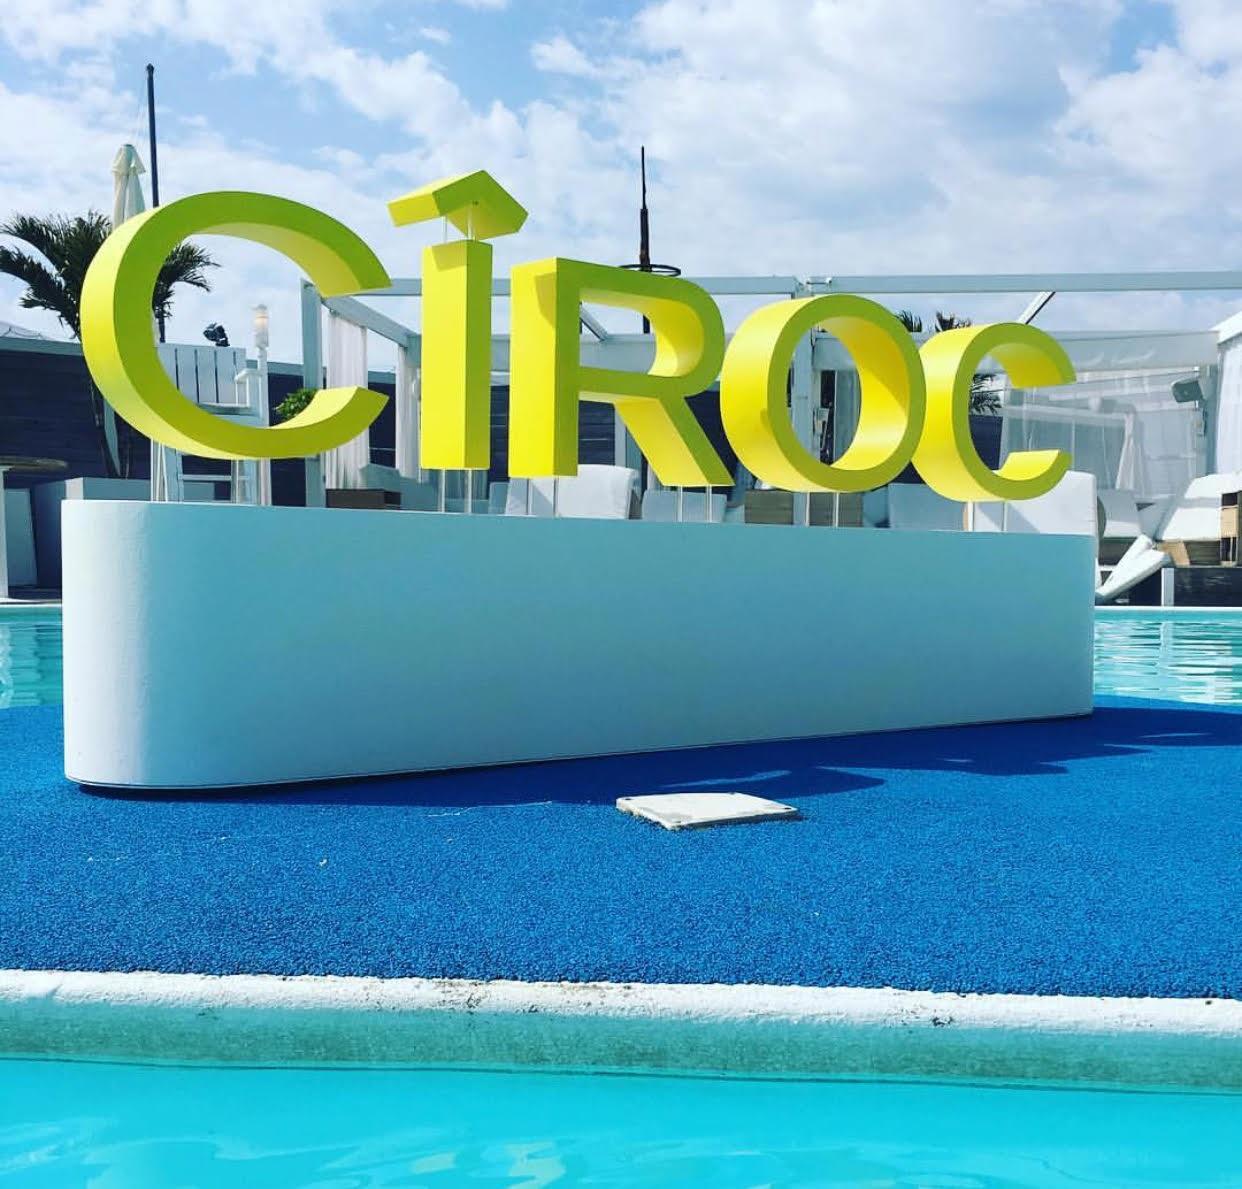 BRAND: CIROC